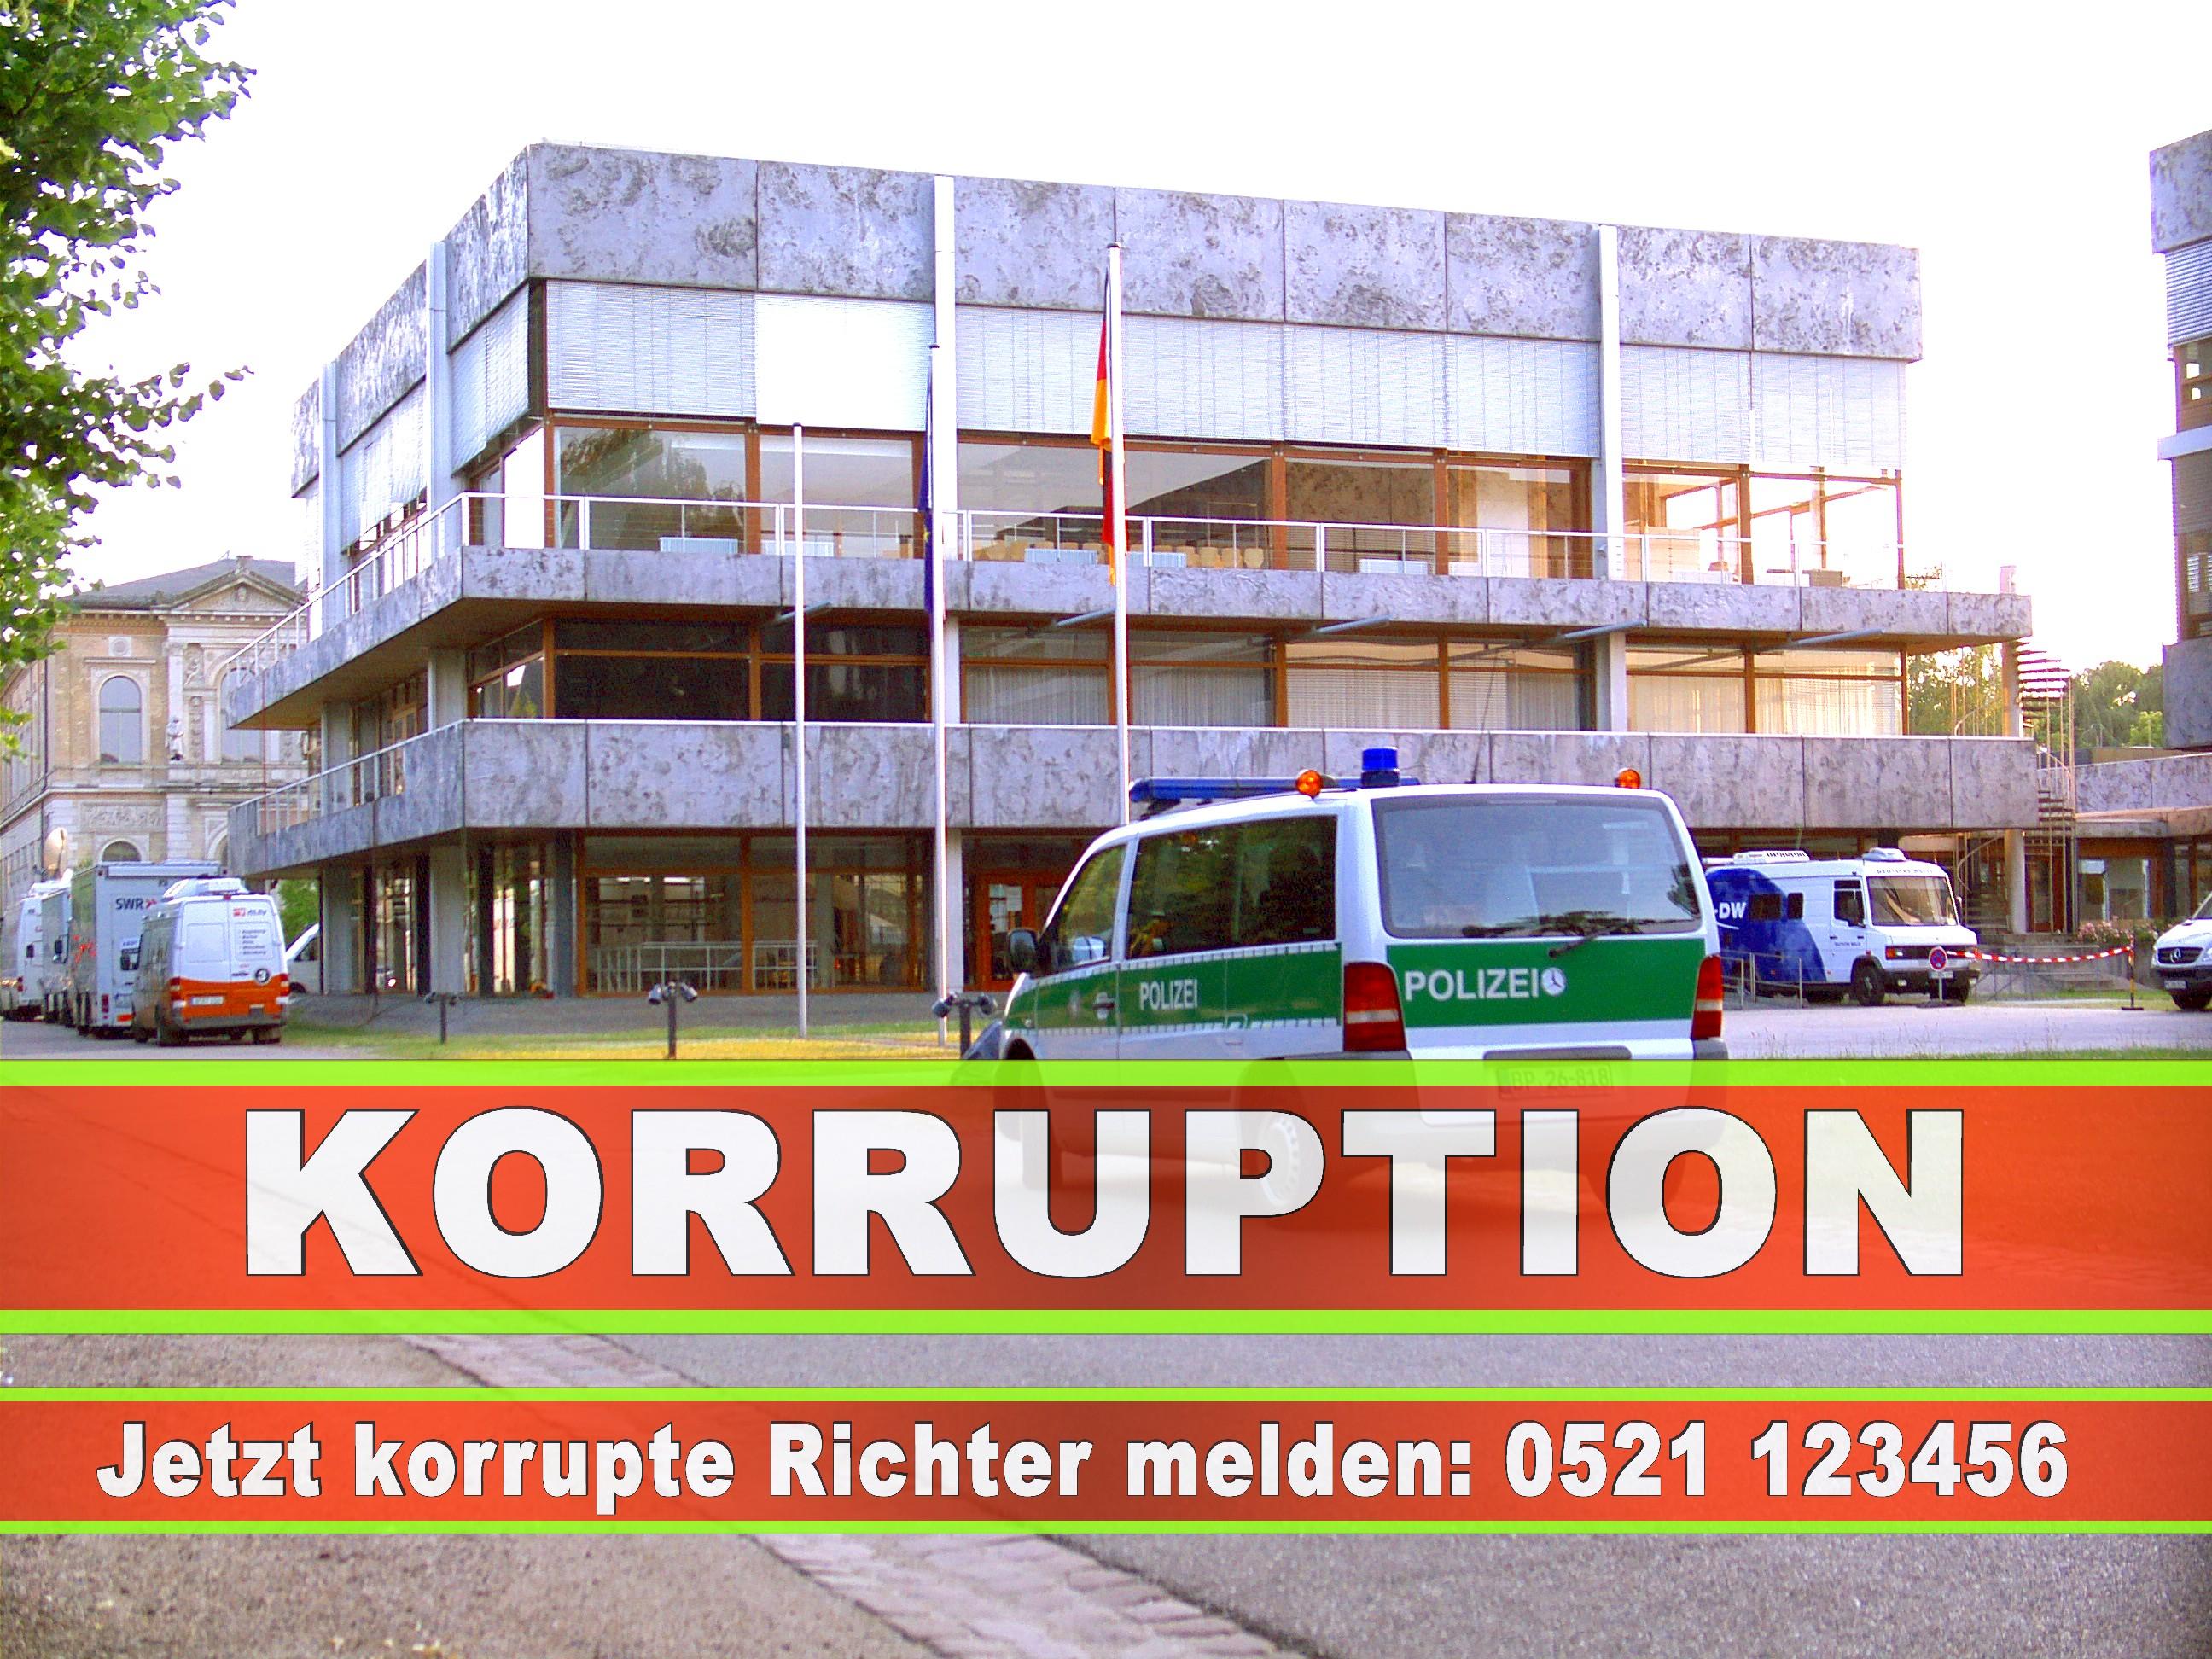 Bundesverfassungsgericht Karlsruhe Richter Korruption Aufgaben Urteile Termine Anfahrt Bilder Fotos Adresse Telefon 2